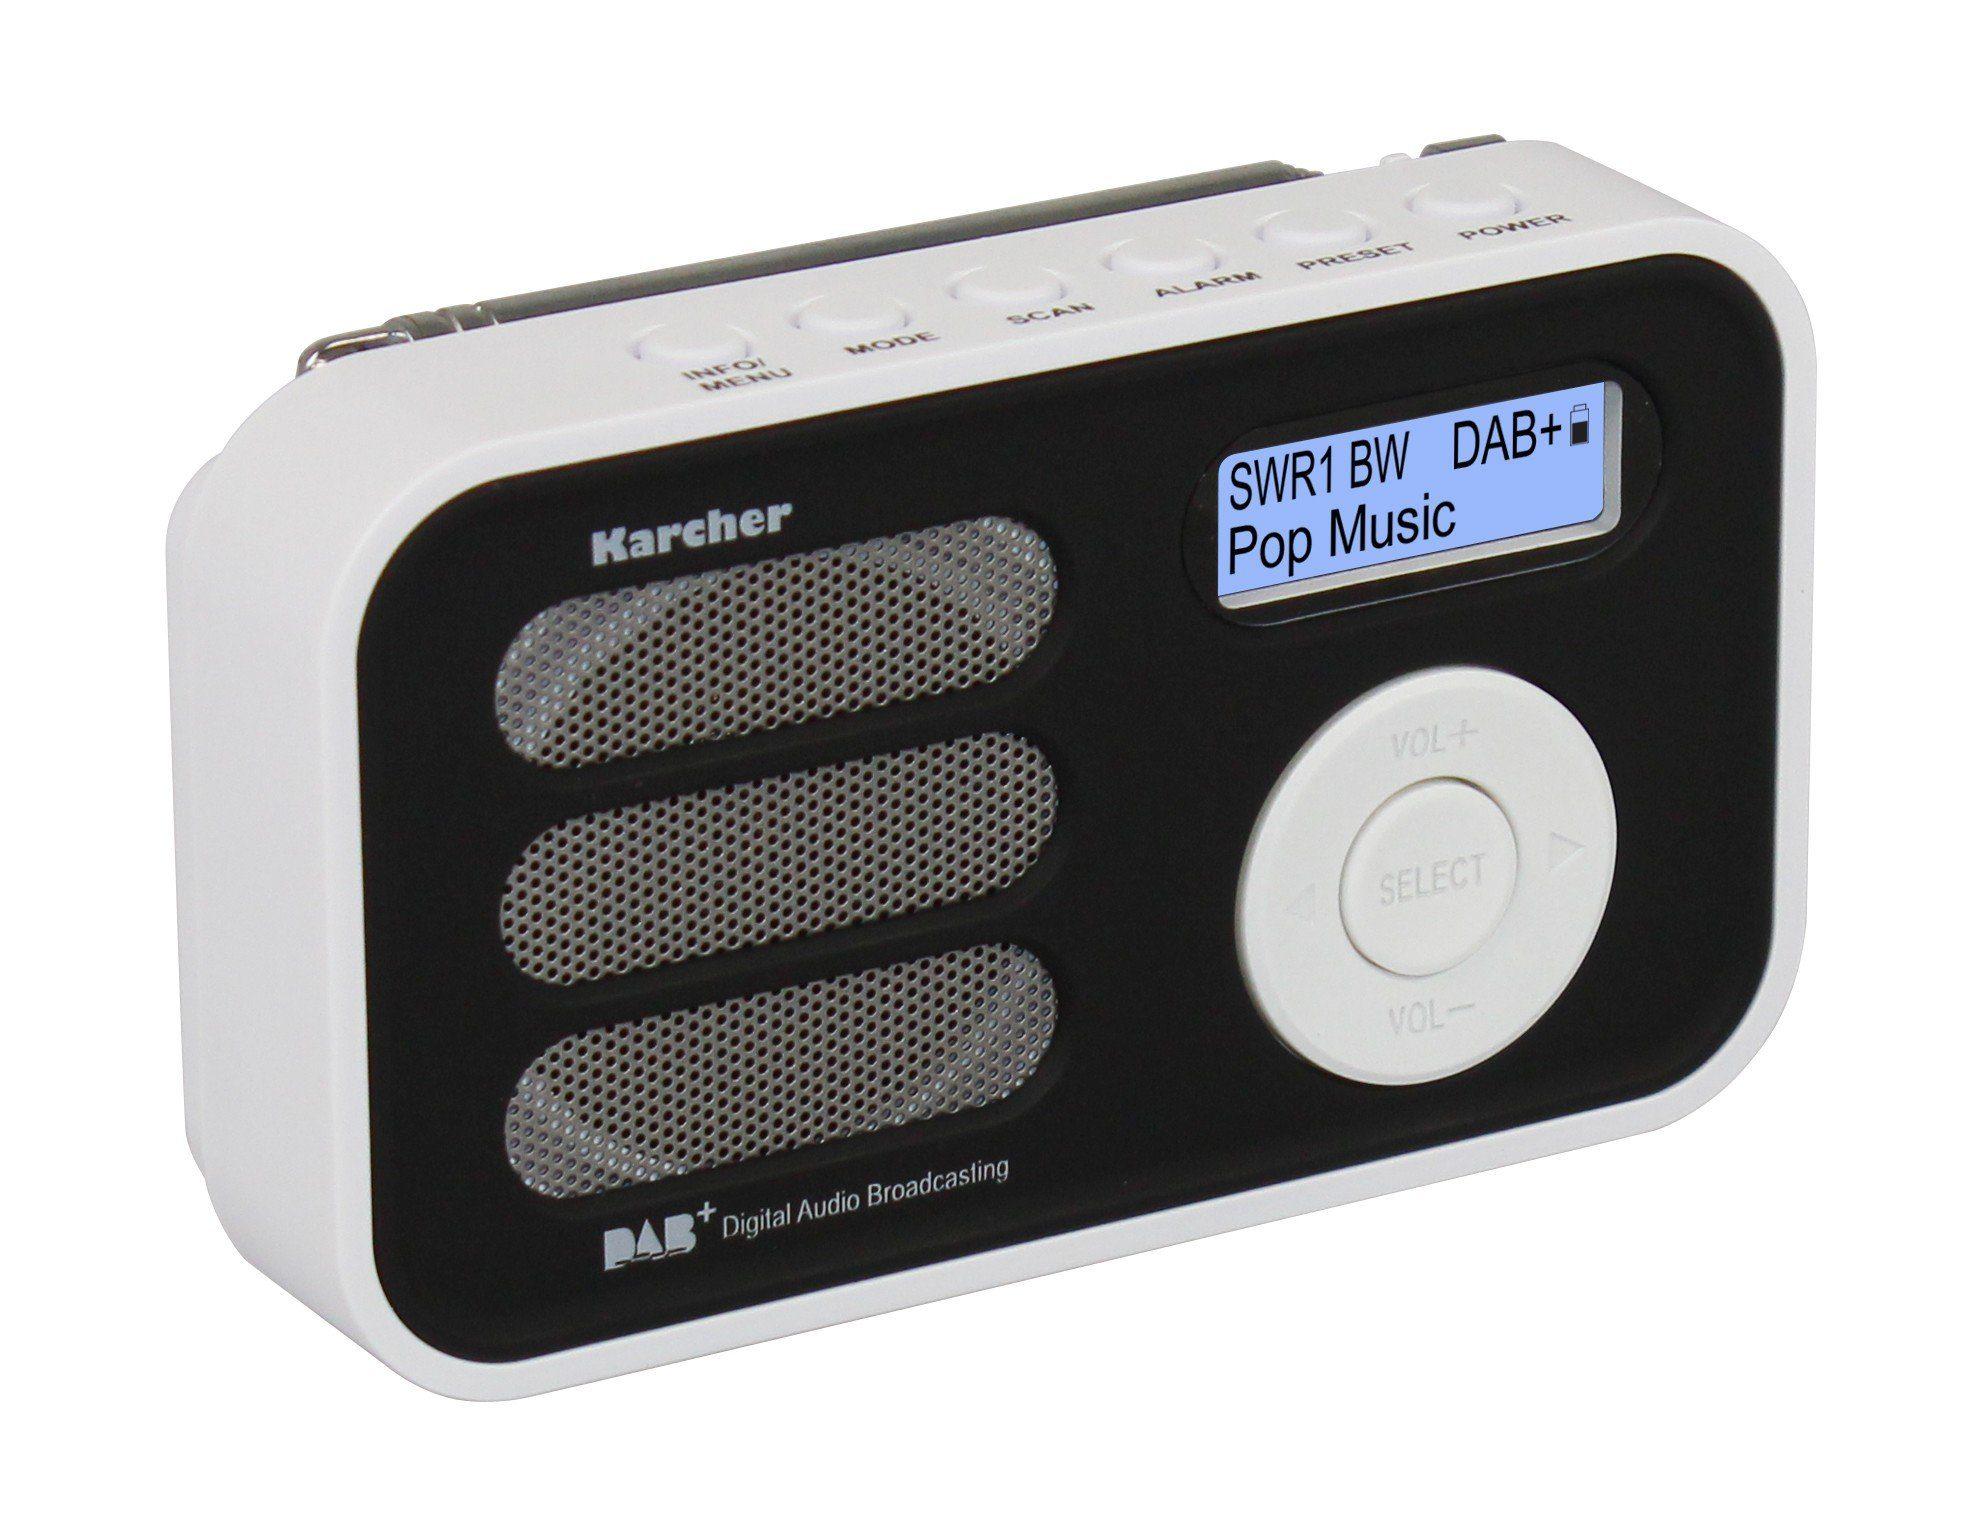 Karcher tragbares Digitalradio »DAB 2410-W«